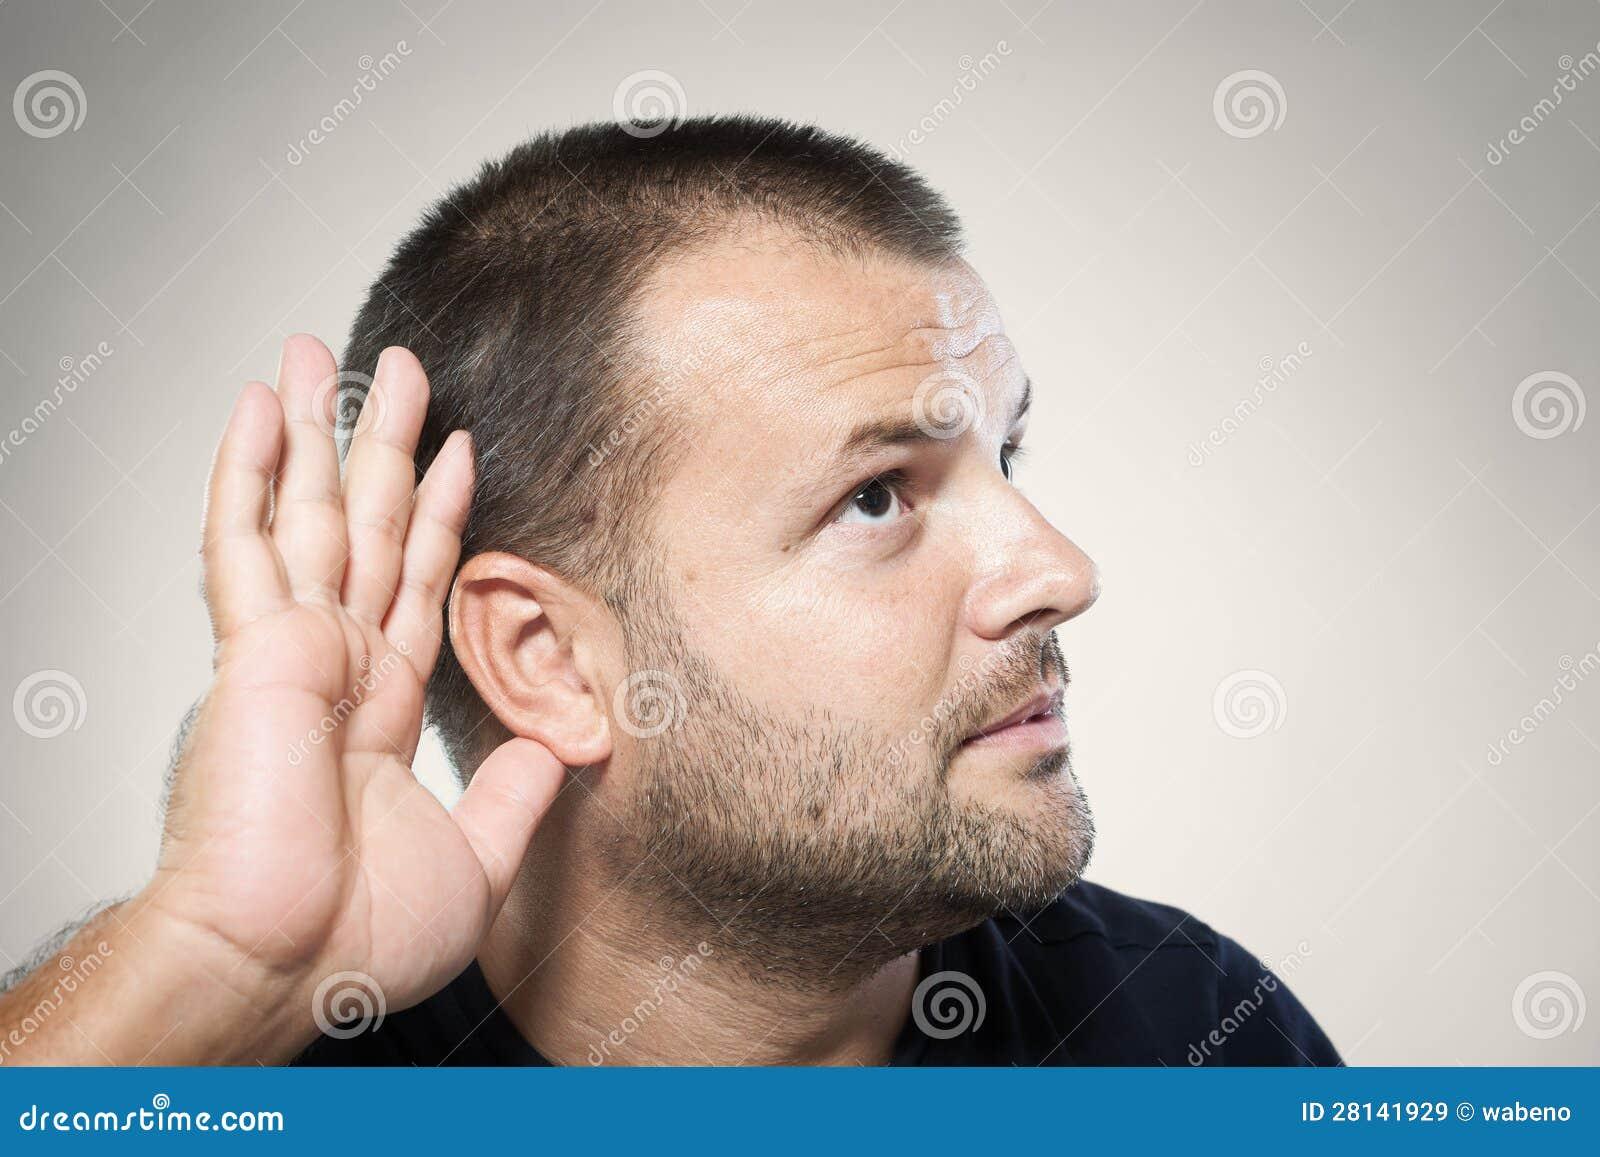 ¡No puede oírle!